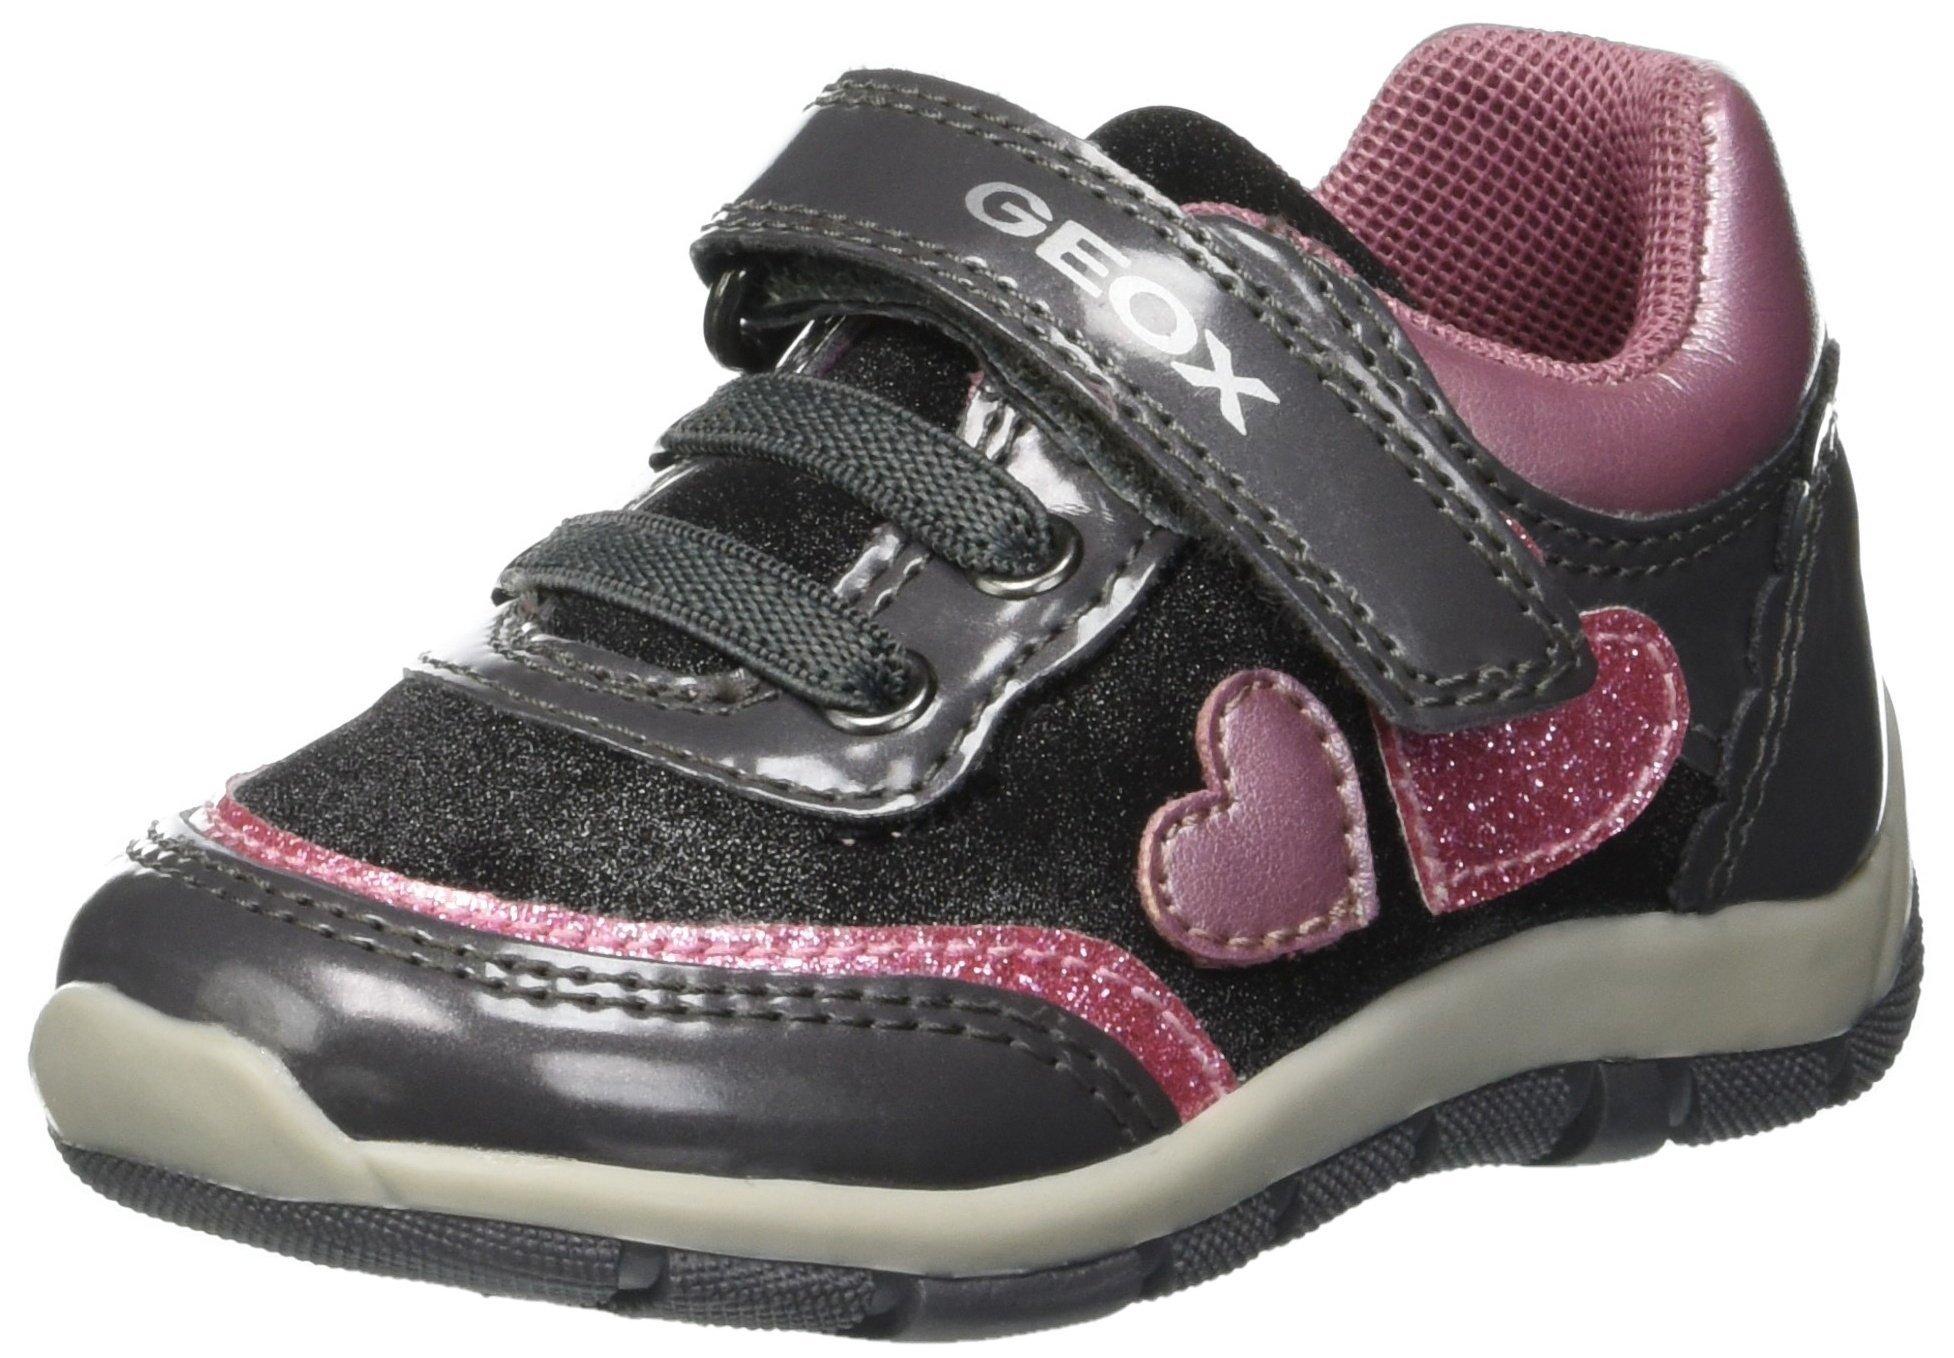 ad2620f18 Mejor valorados en Primeros zapatos para niñas   Opiniones útiles de ...